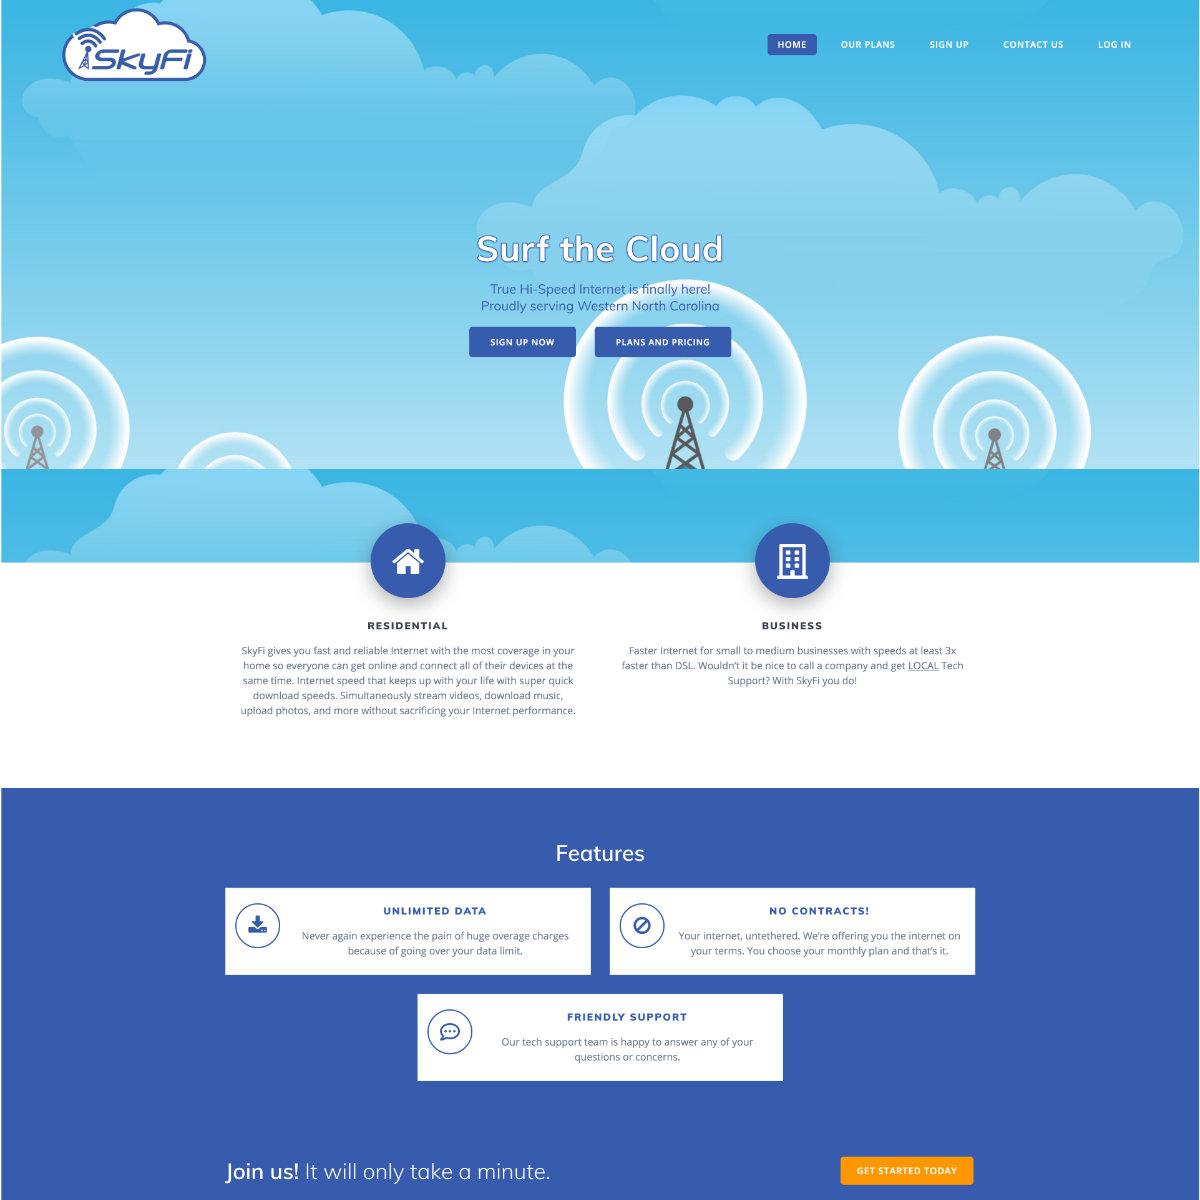 SkyFi Website